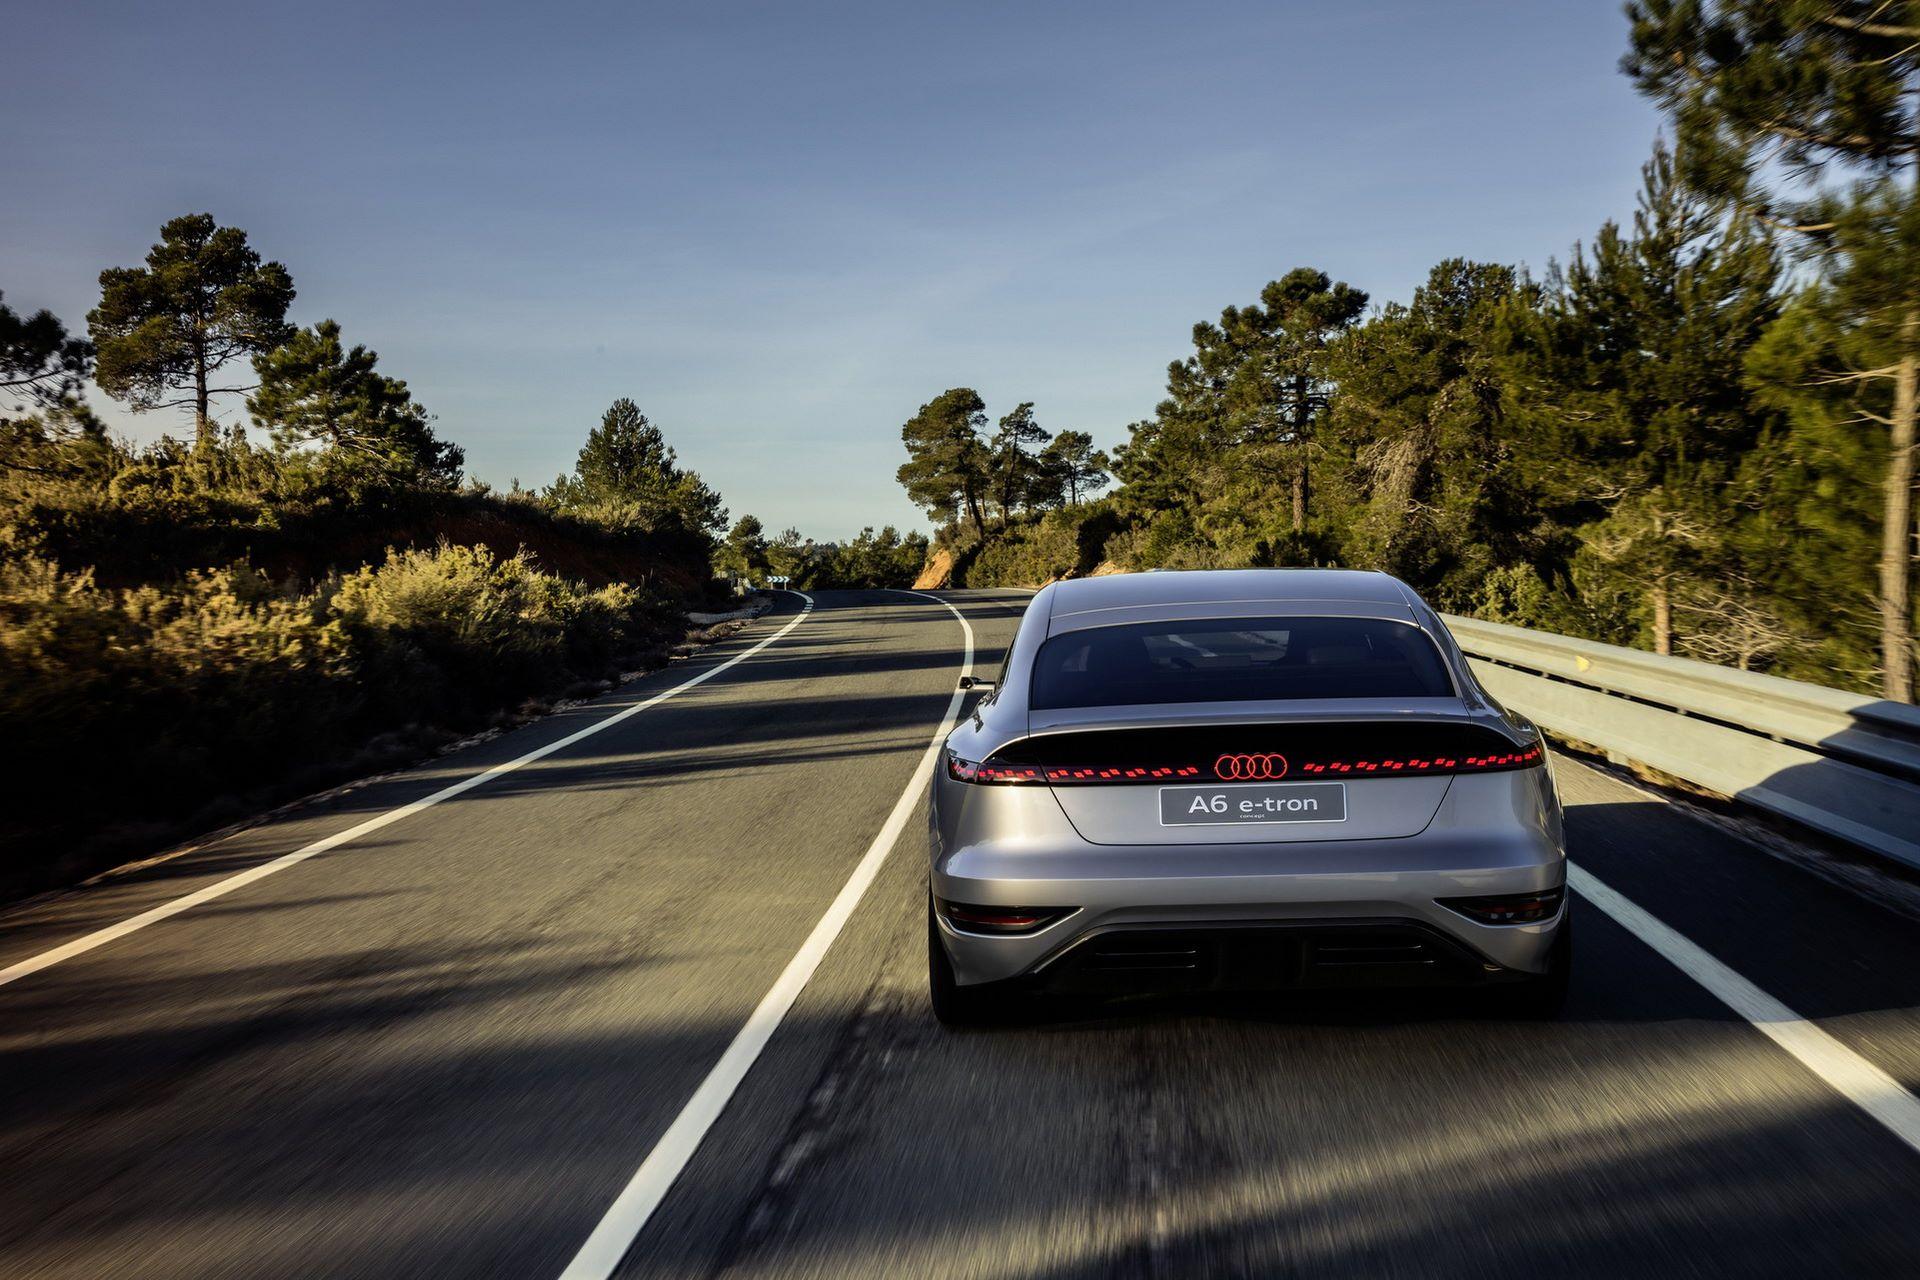 Audi-A6-e-tron-concept-5